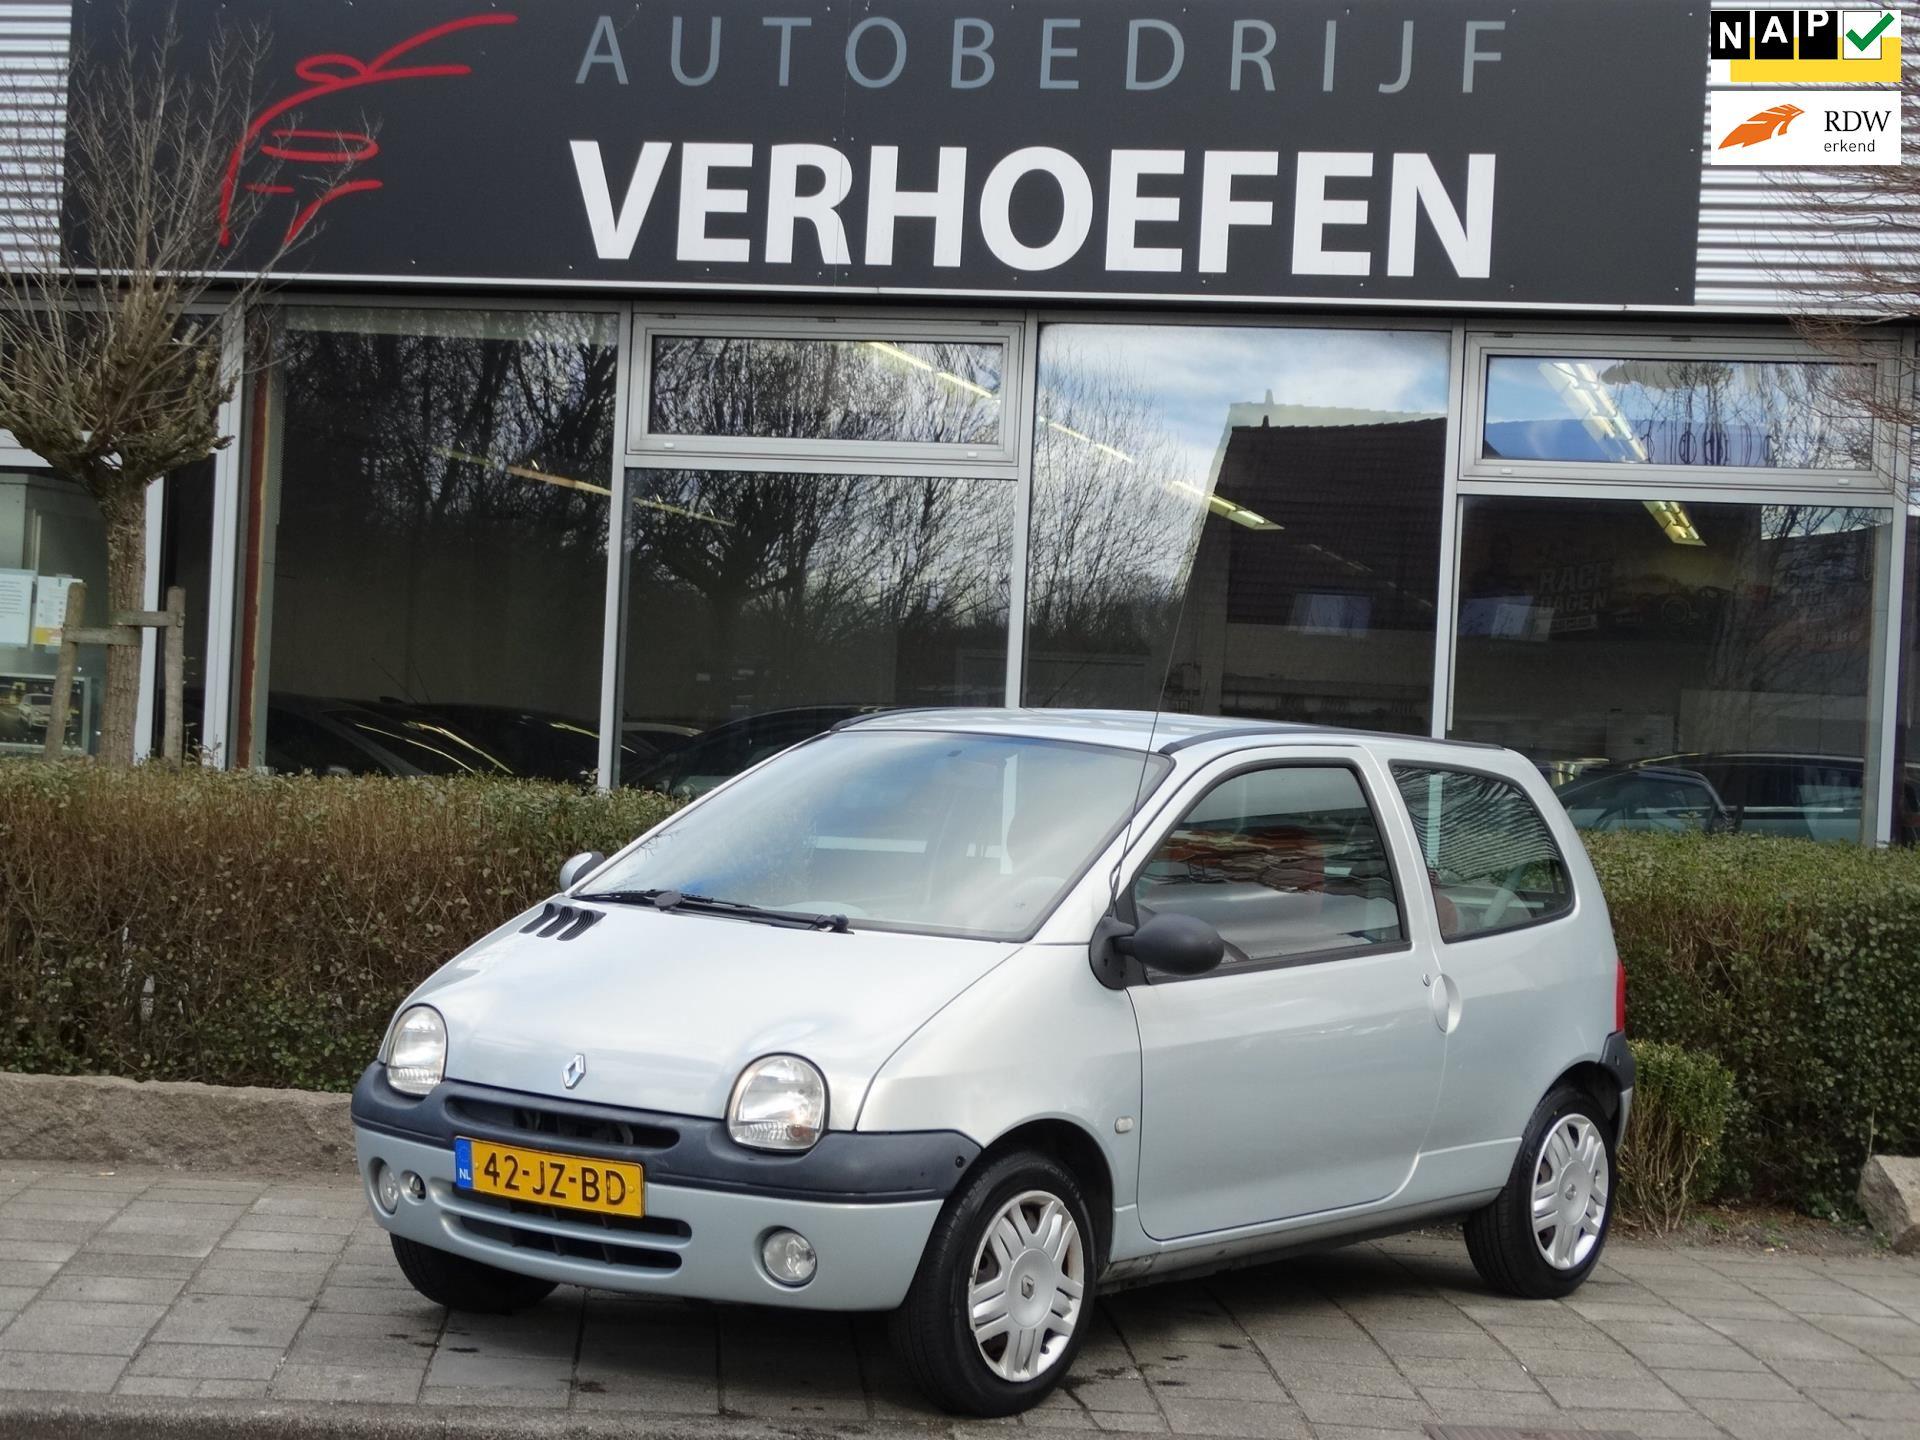 Renault Twingo occasion - Autobedrijf Verhoefen